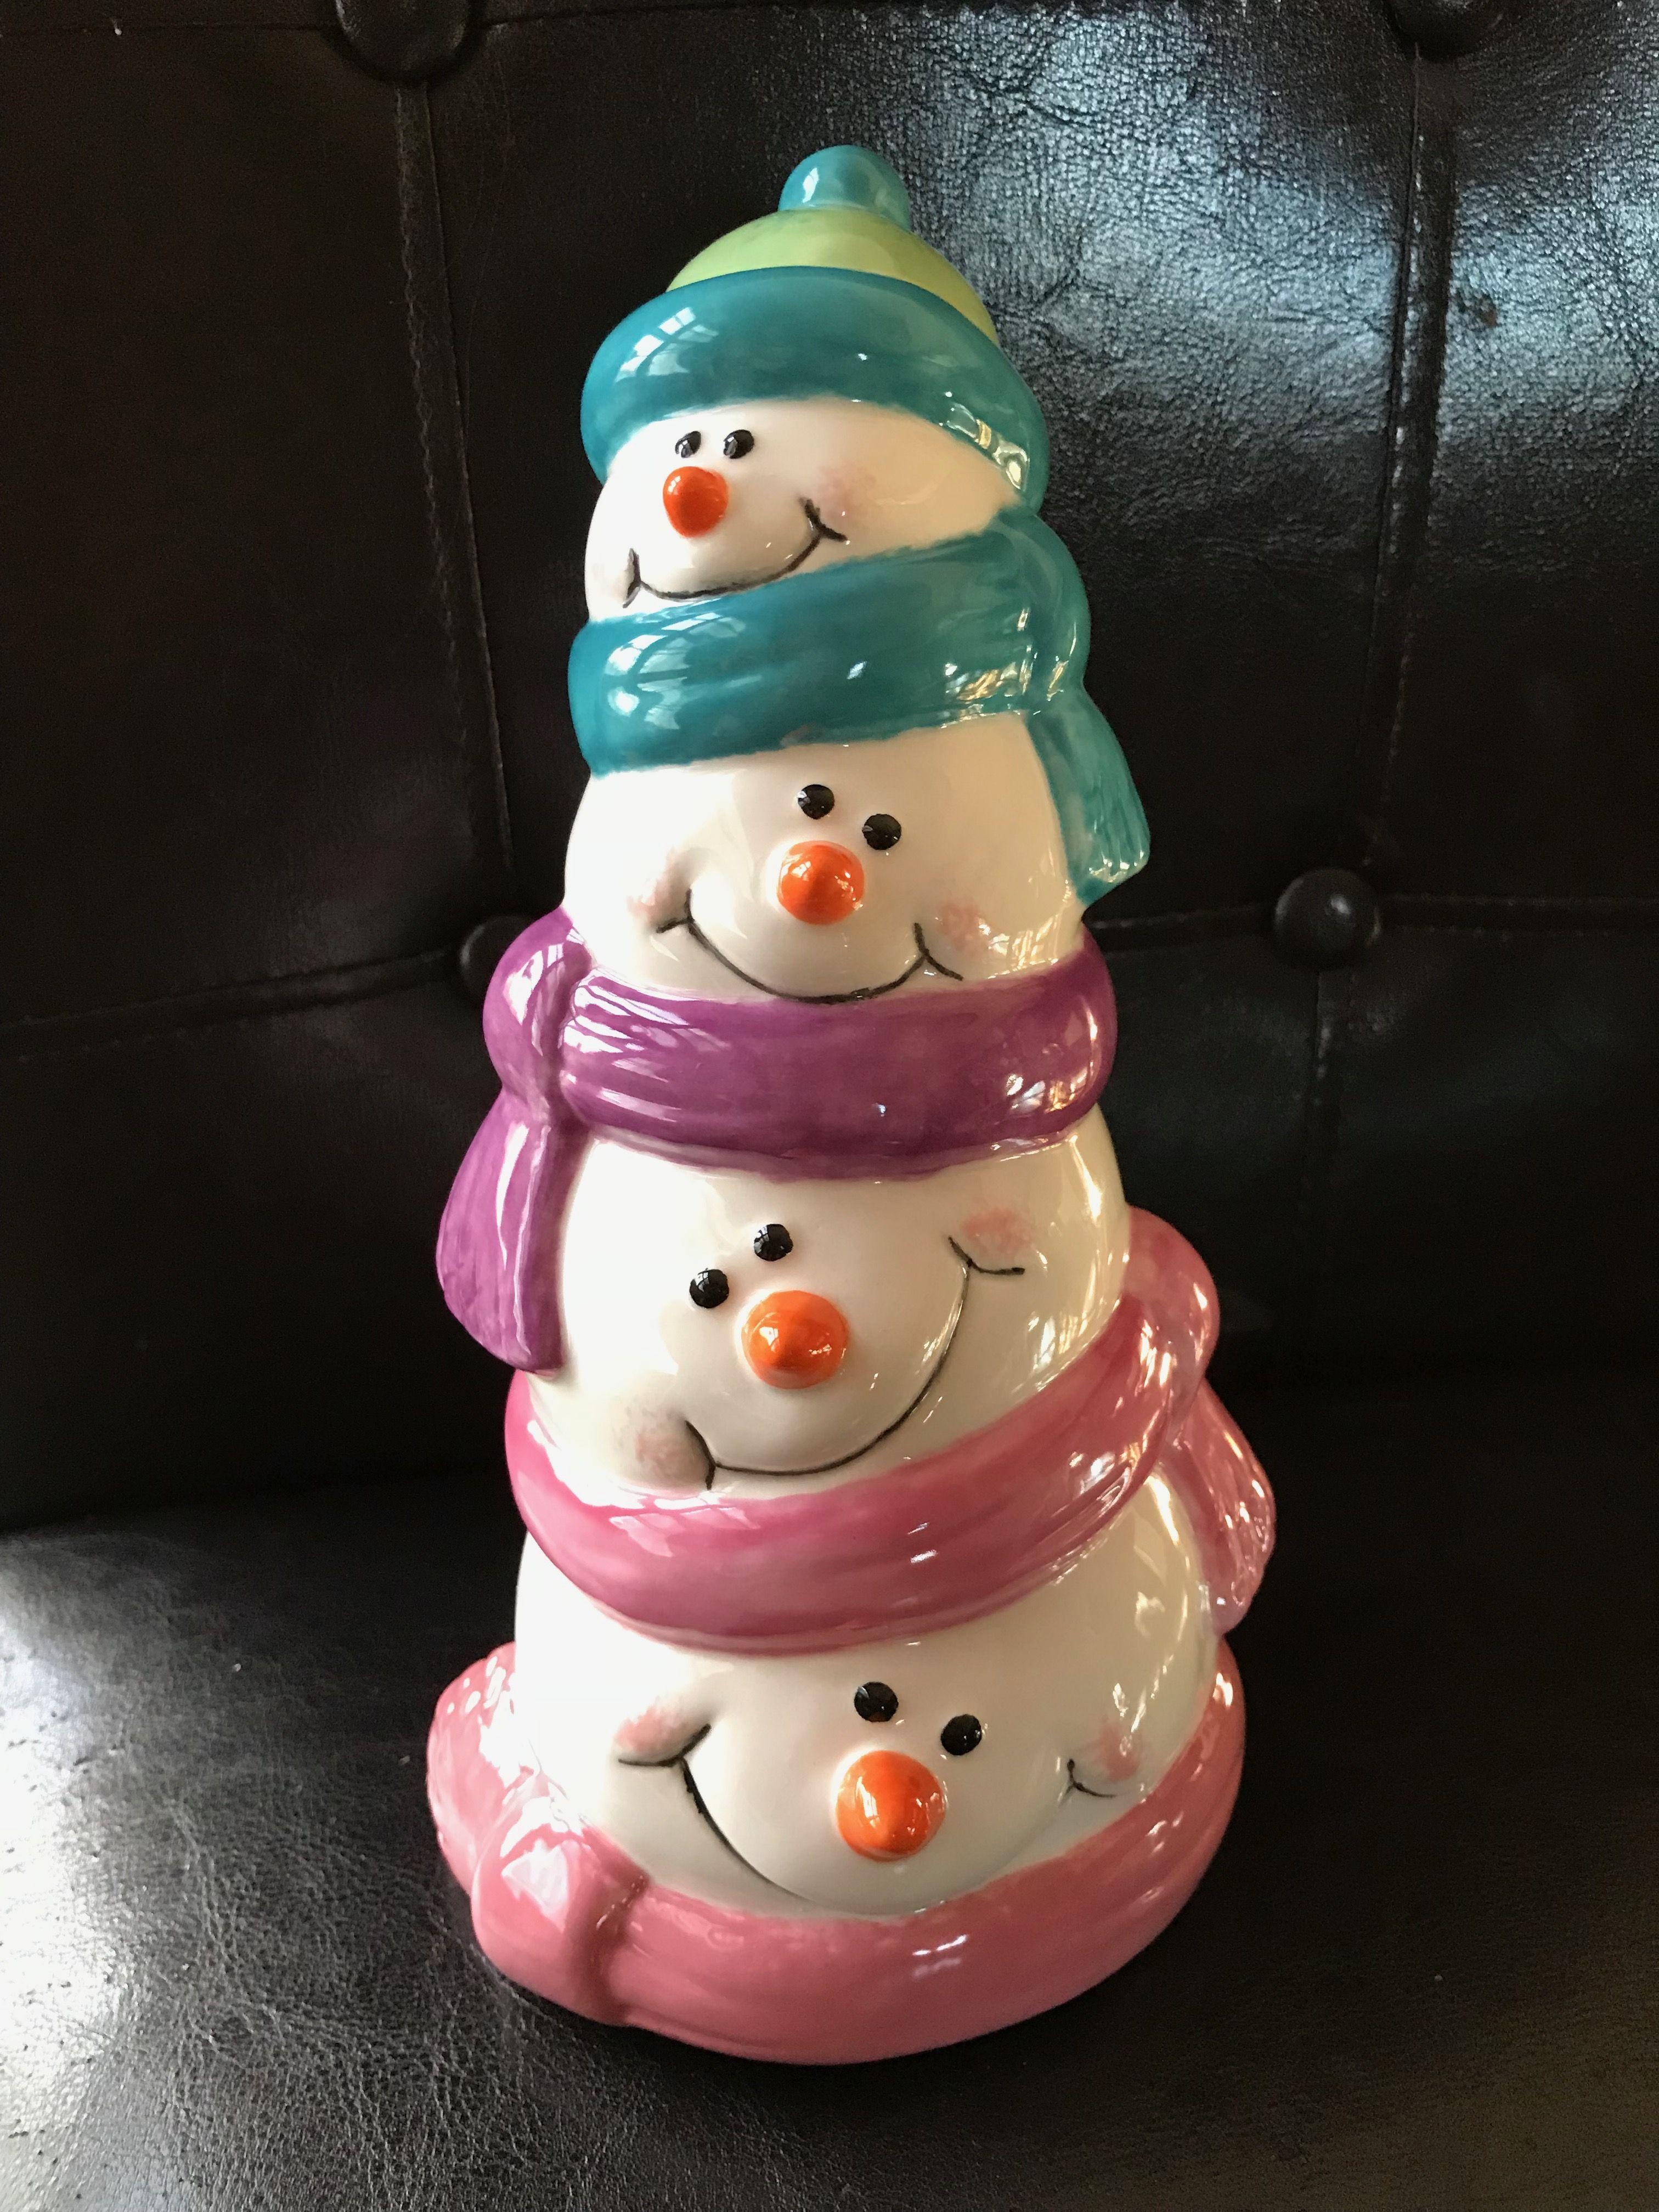 Ceramic Stacked Snowman Ceramic Painting Ceramic Pottery Ceramics